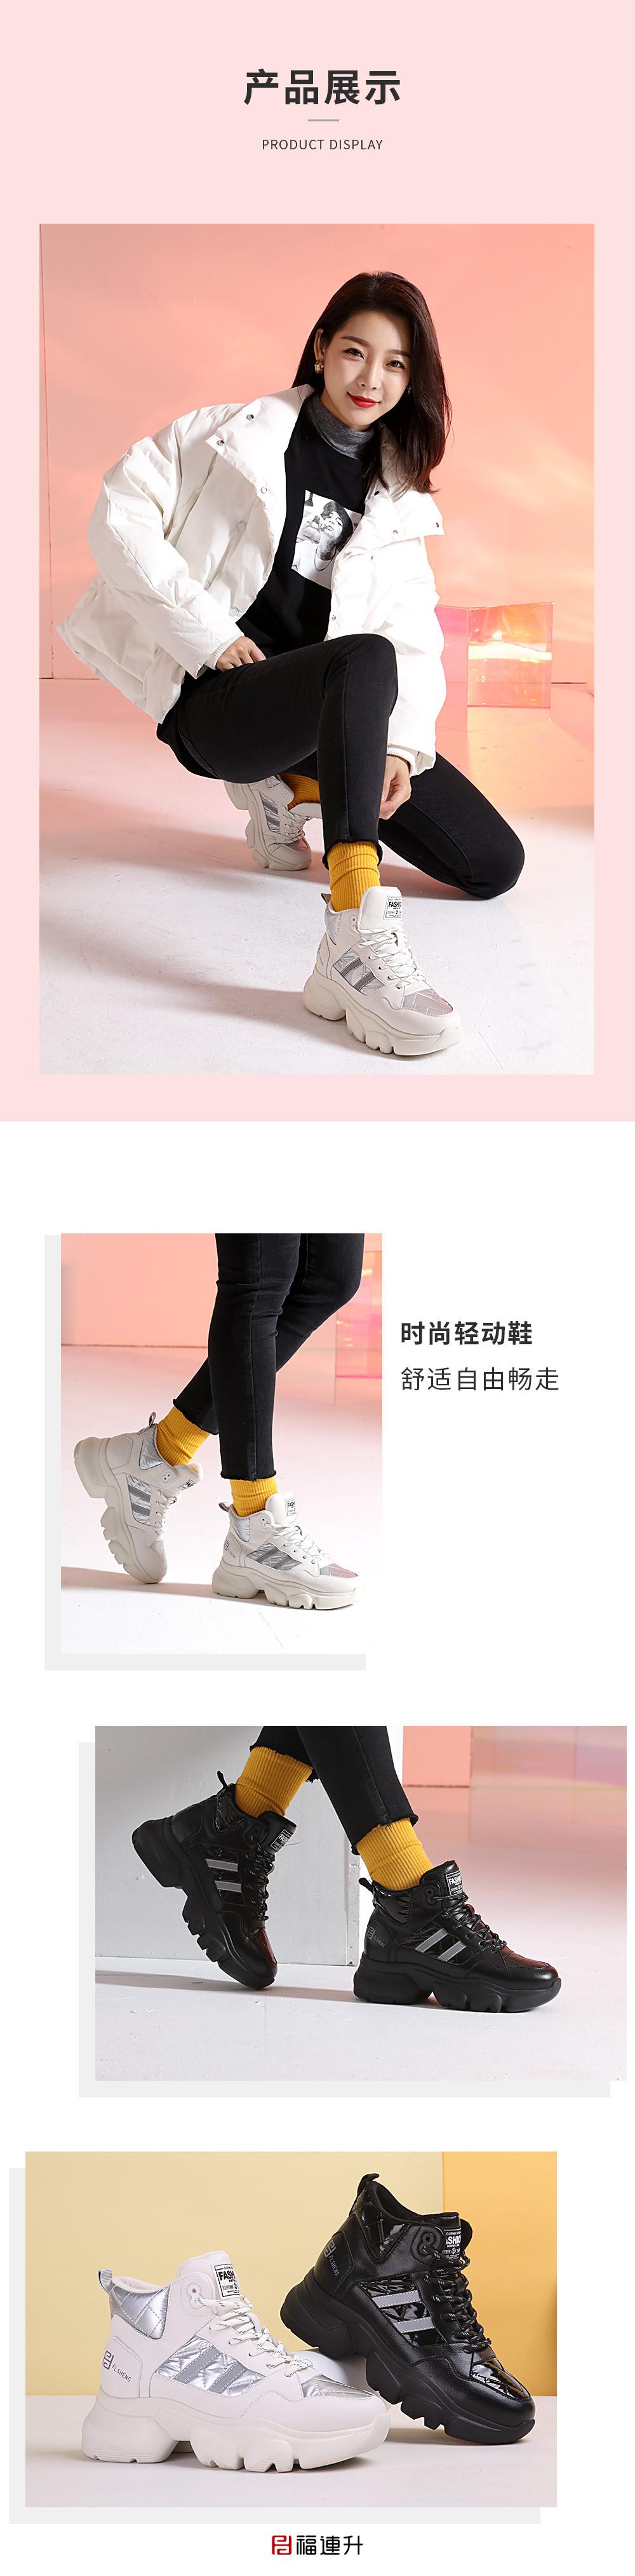 福连升2020冬季新款时尚运动百搭高帮厚底显高牛皮老爹鞋图片